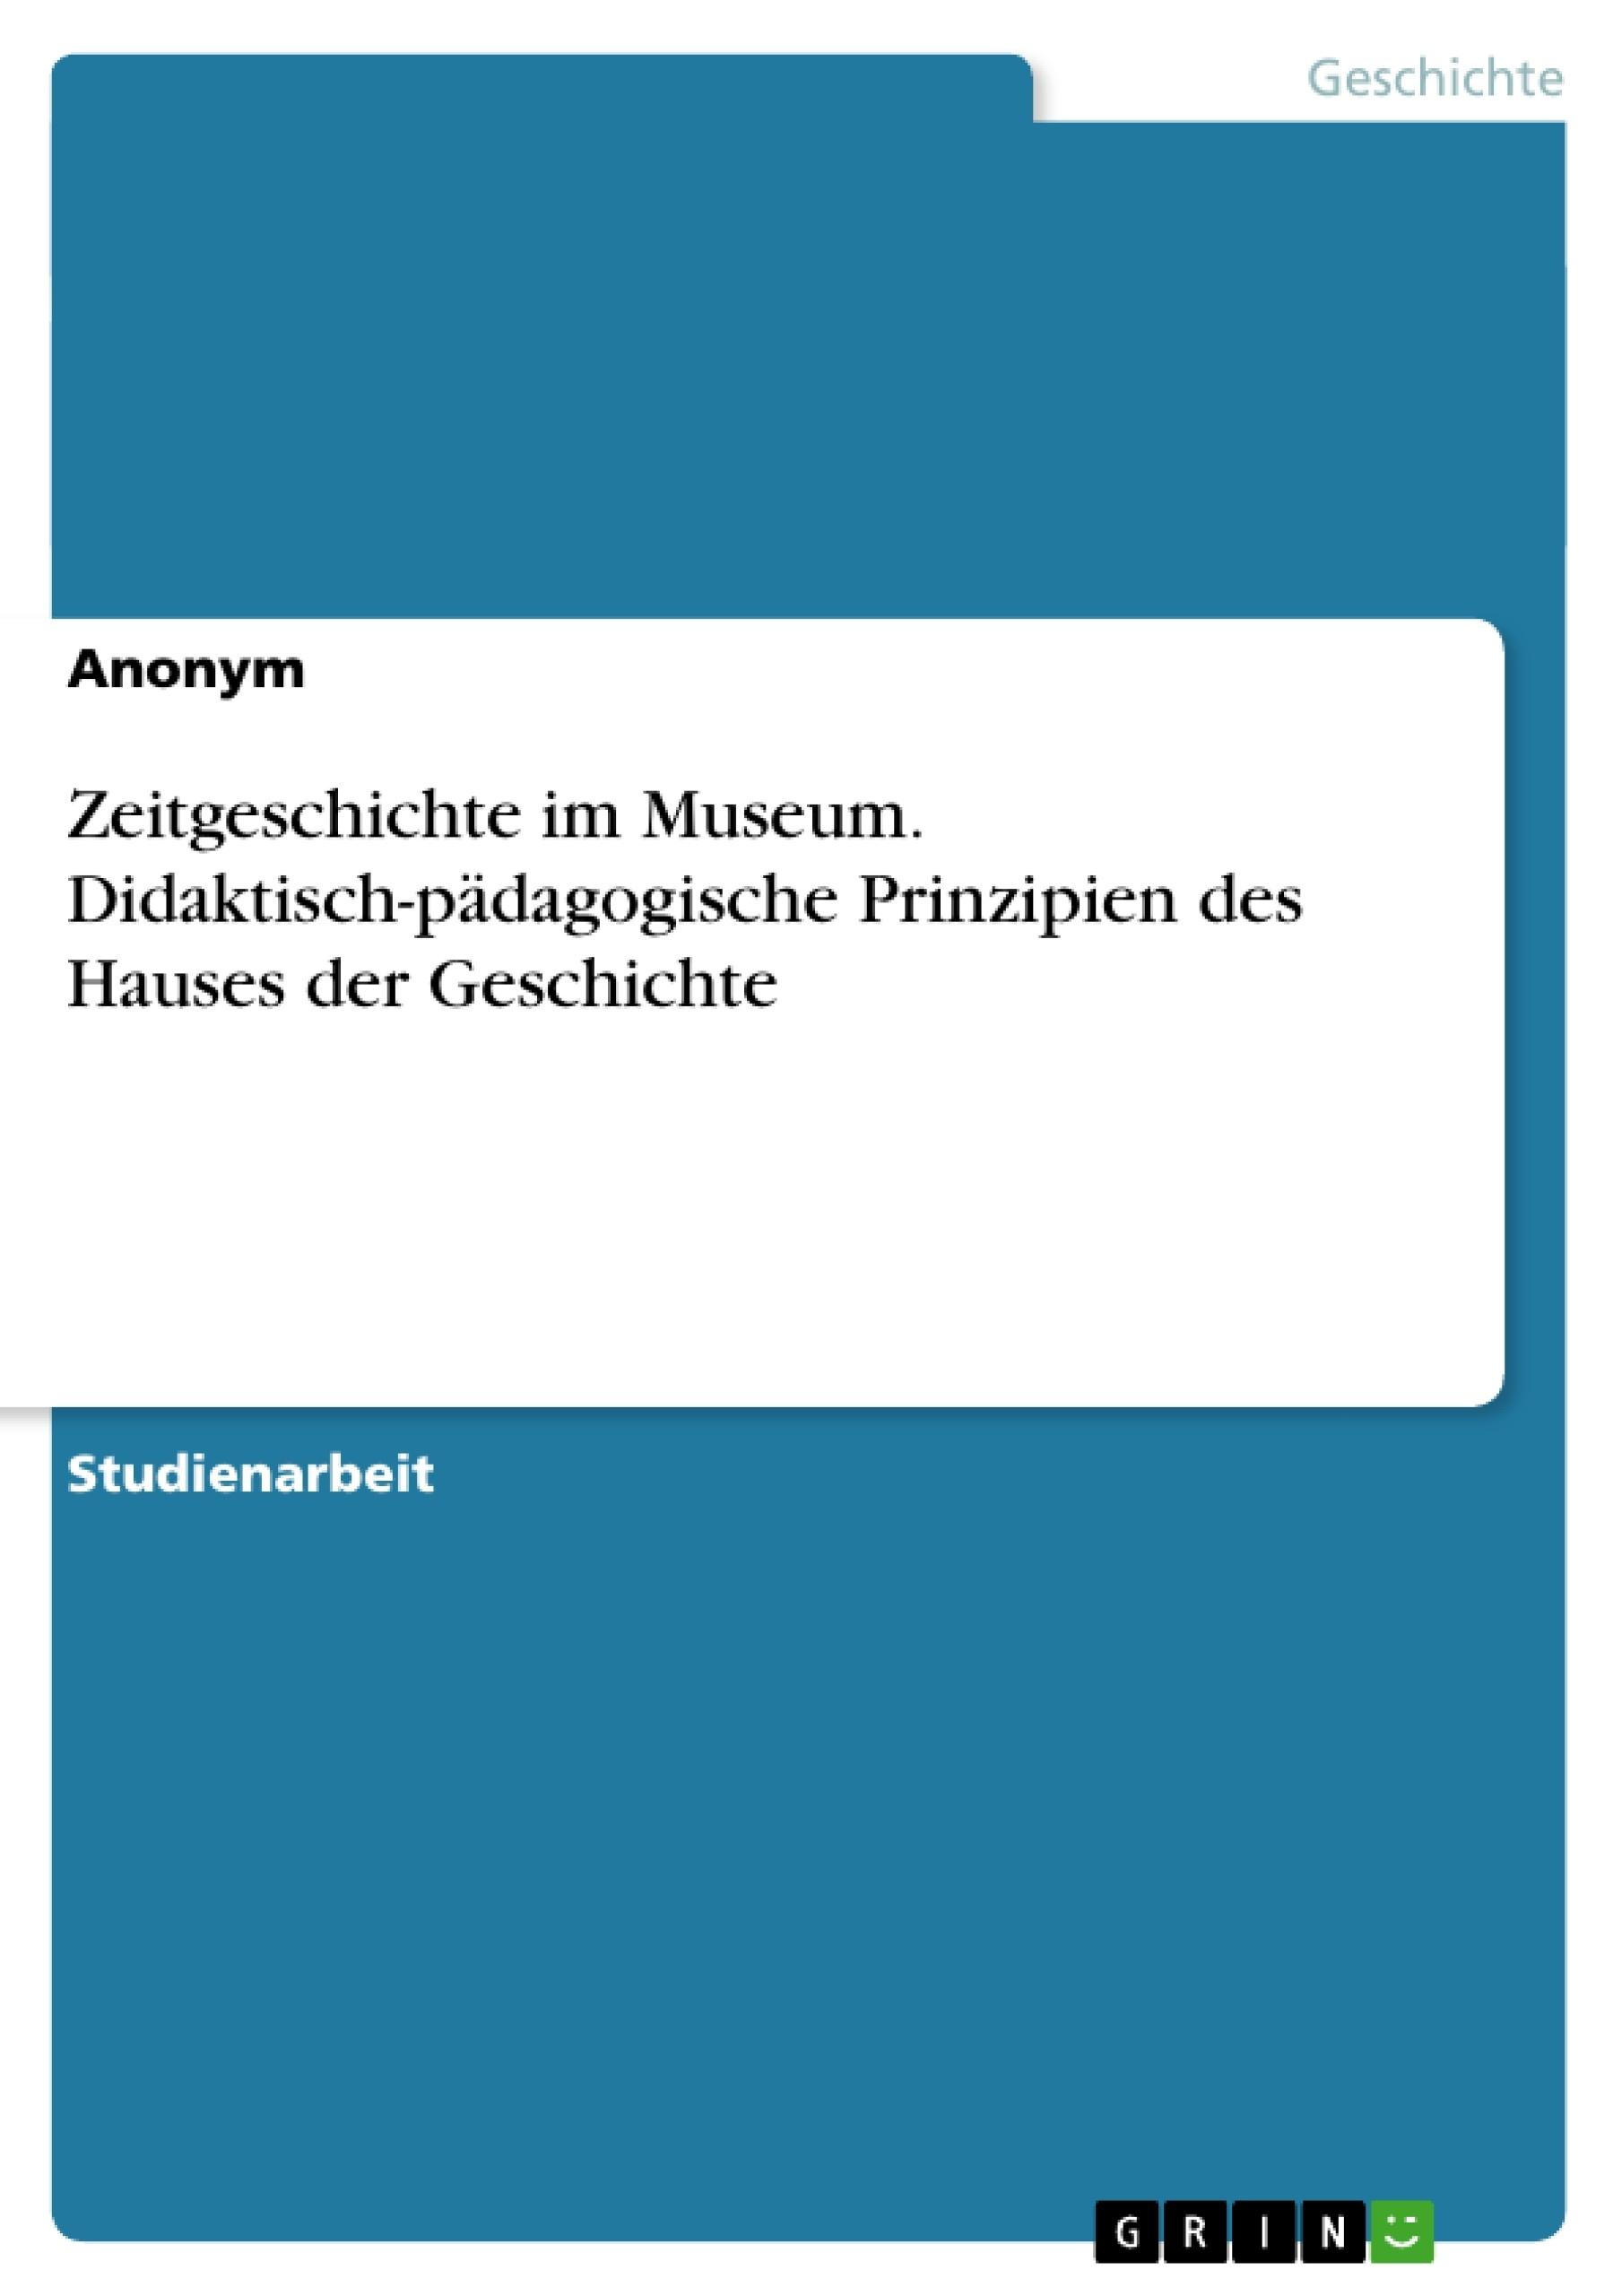 Titel: Zeitgeschichte im Museum. Didaktisch-pädagogische Prinzipien des Hauses der Geschichte